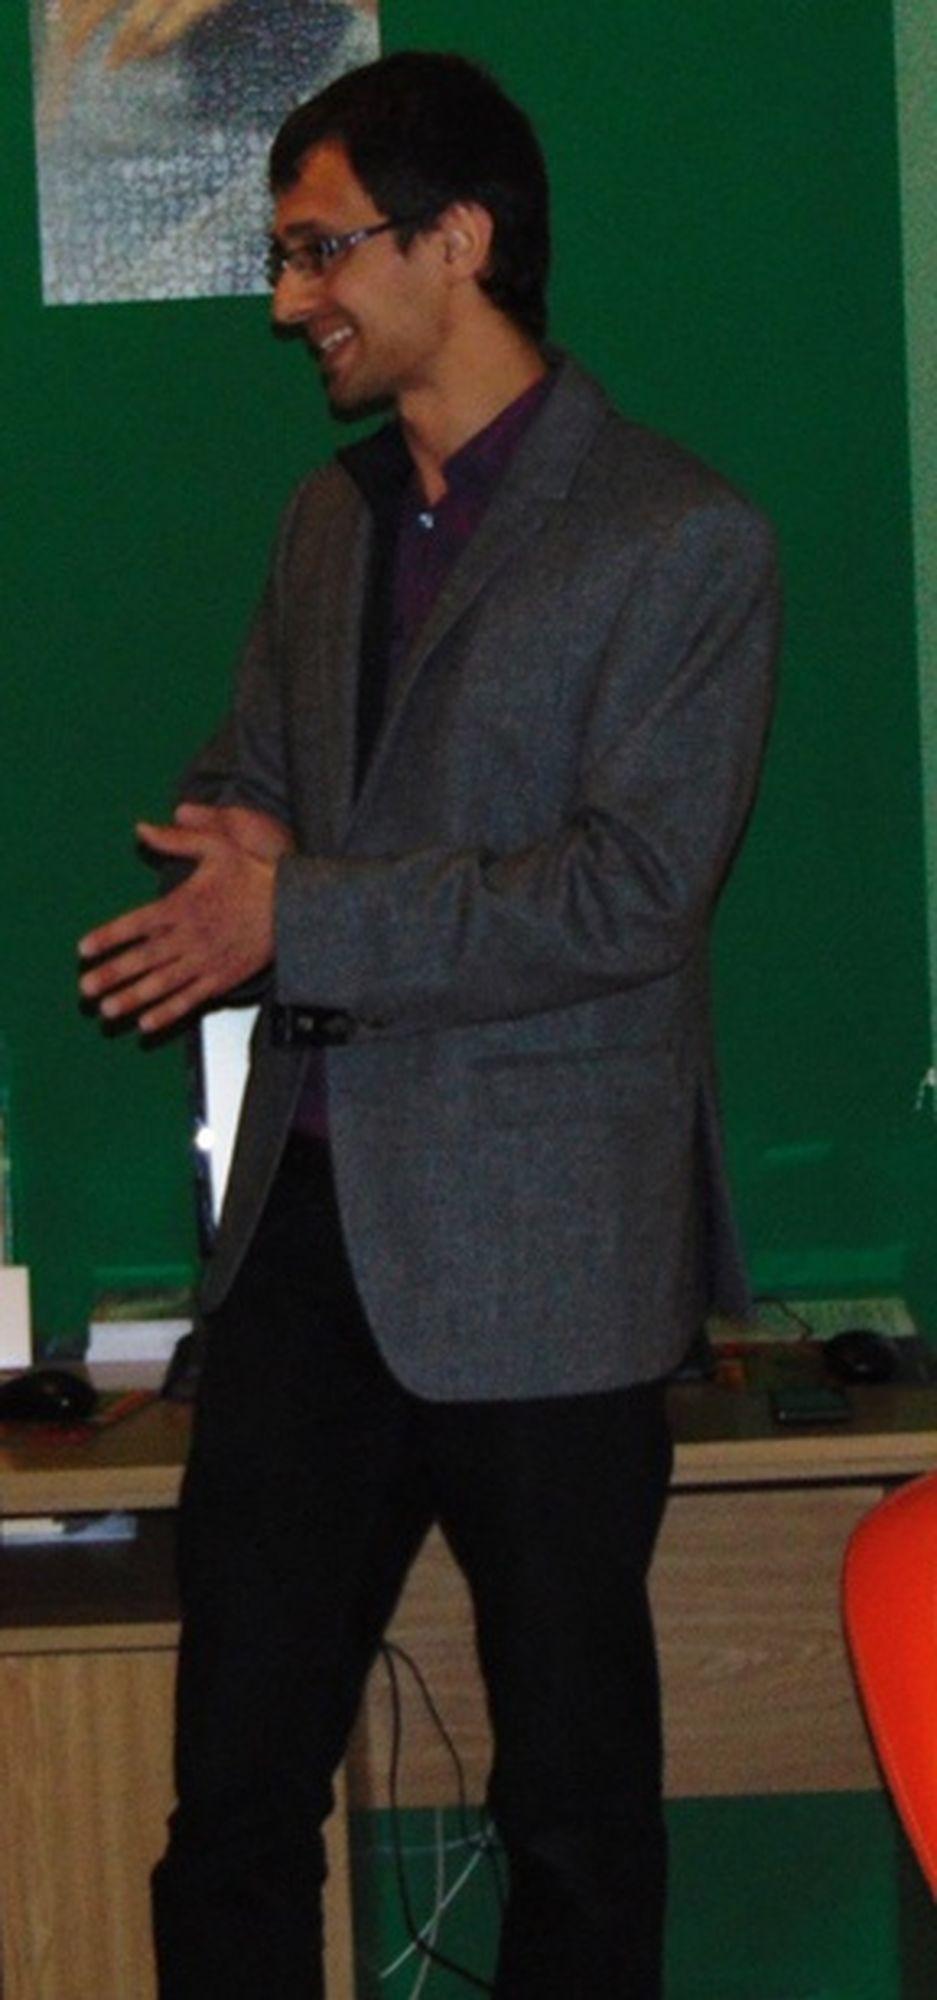 Bibliotekarz Kajetan P. poszukiwany w sprawie o brutalne morderstwo na Żoliborzu w Warszawie